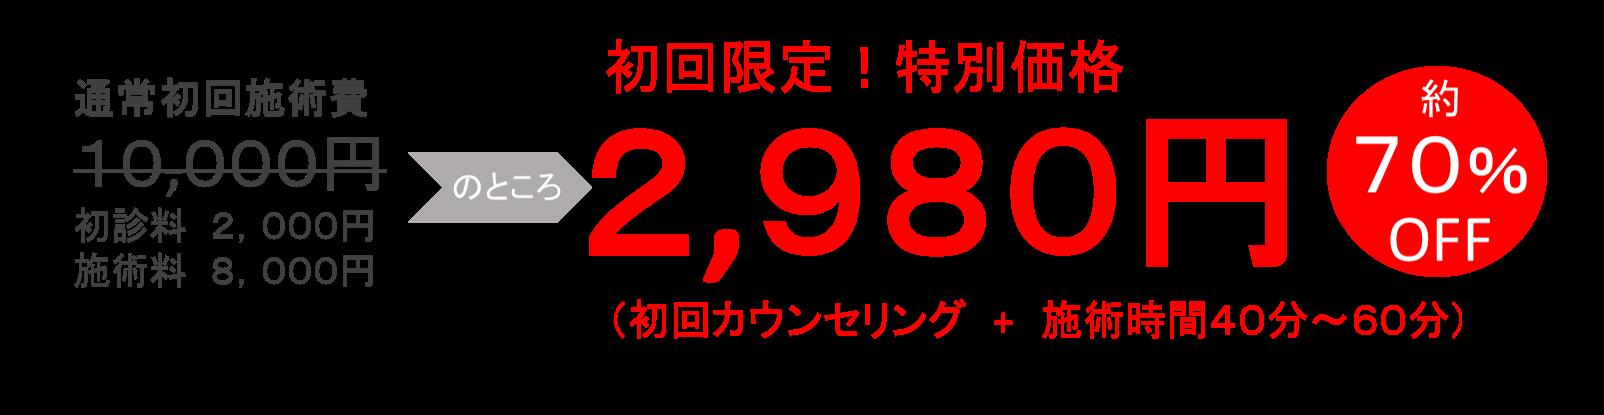 オファー29